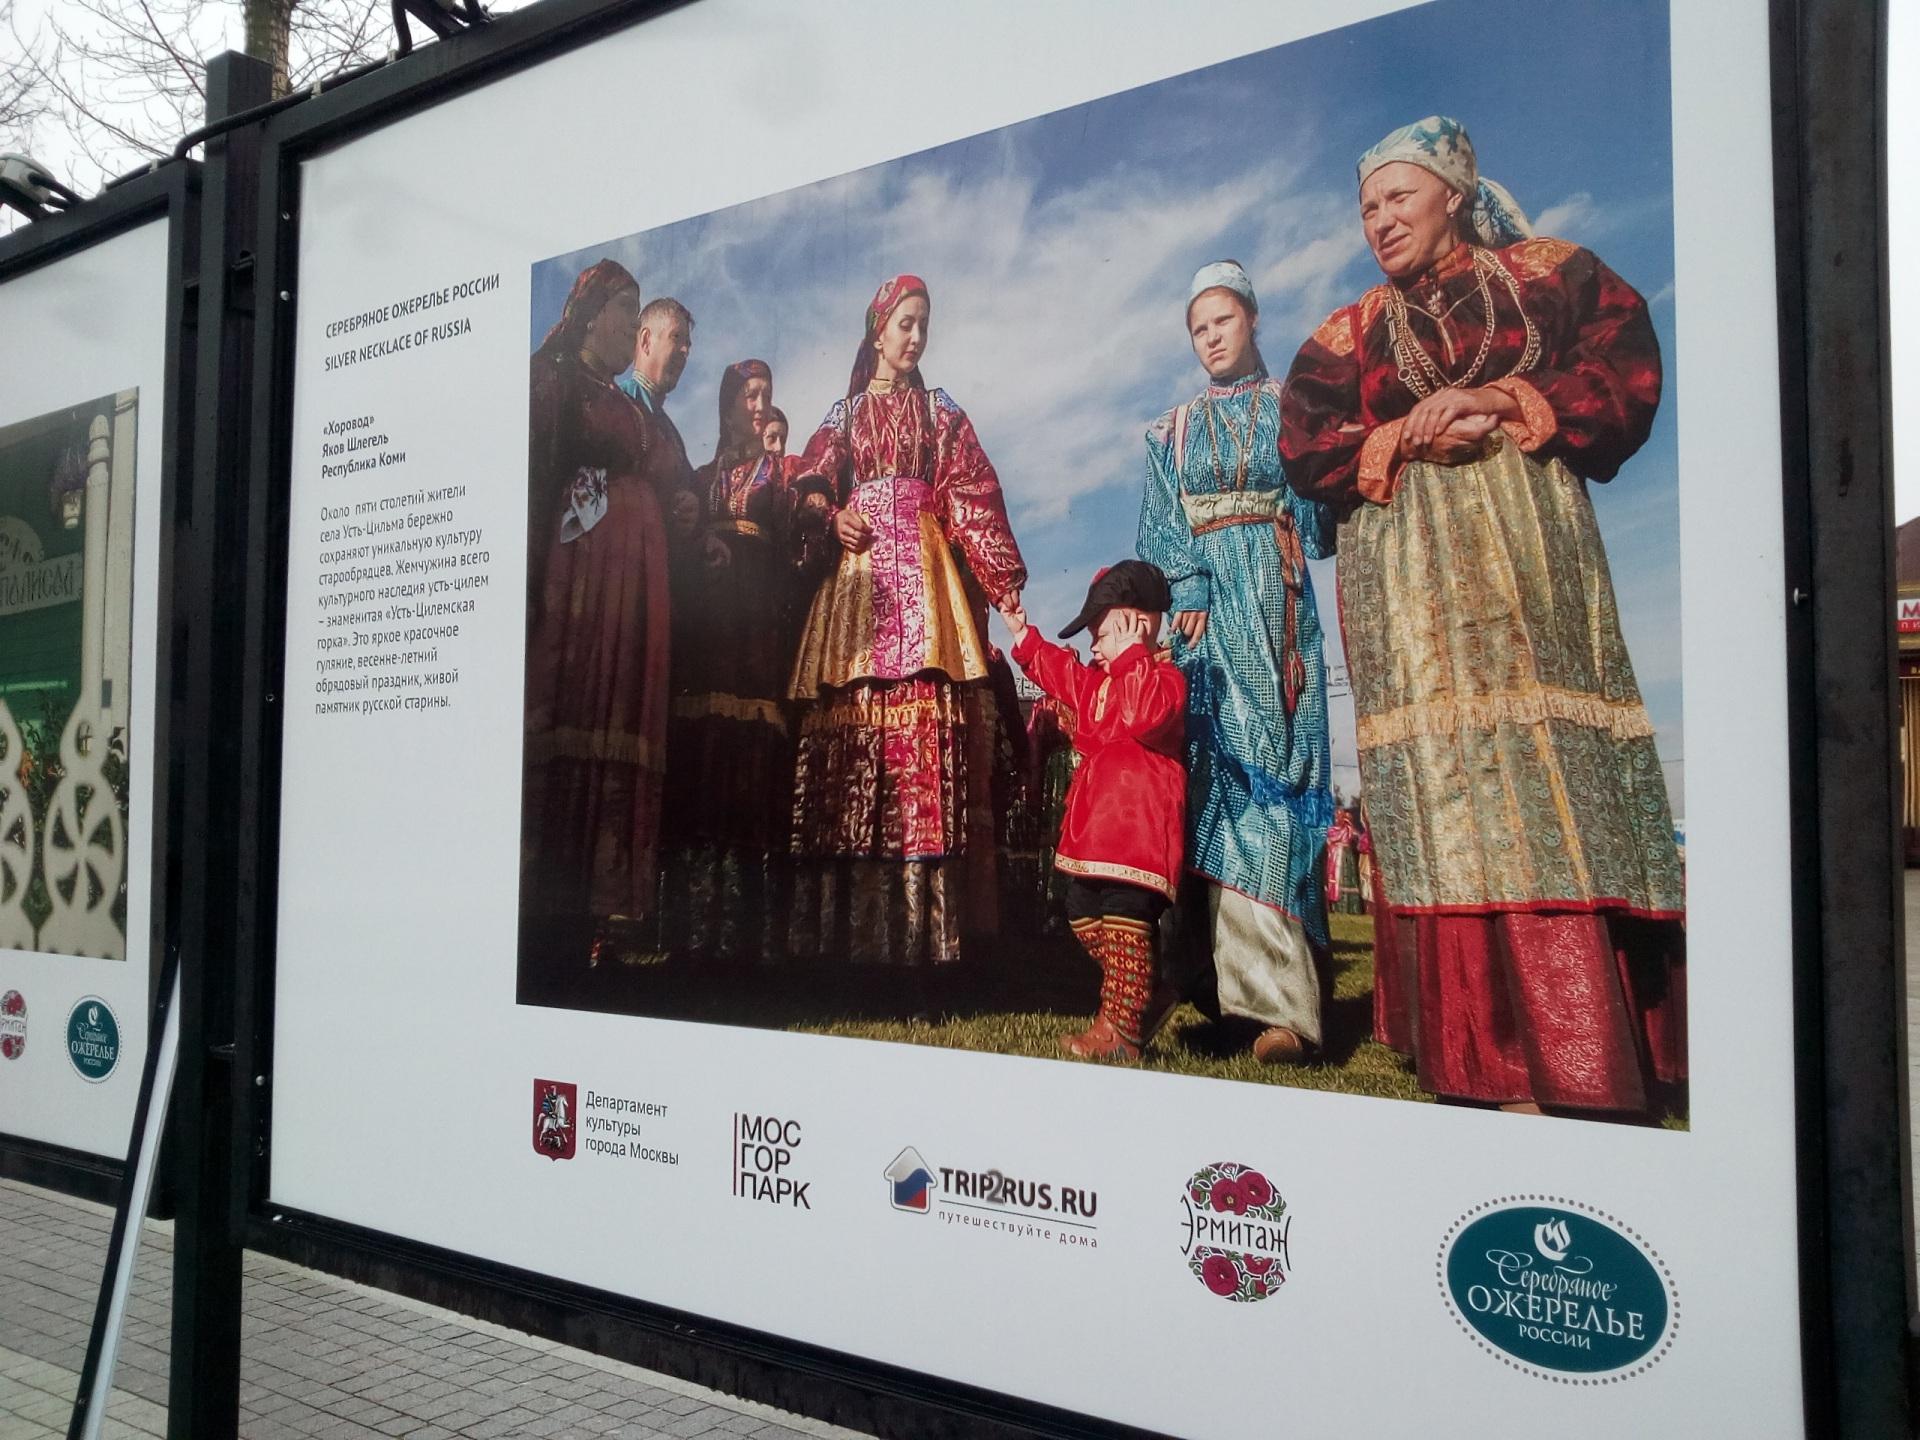 Фотографии из Коми увидят жители и гости Москвы в городском саду